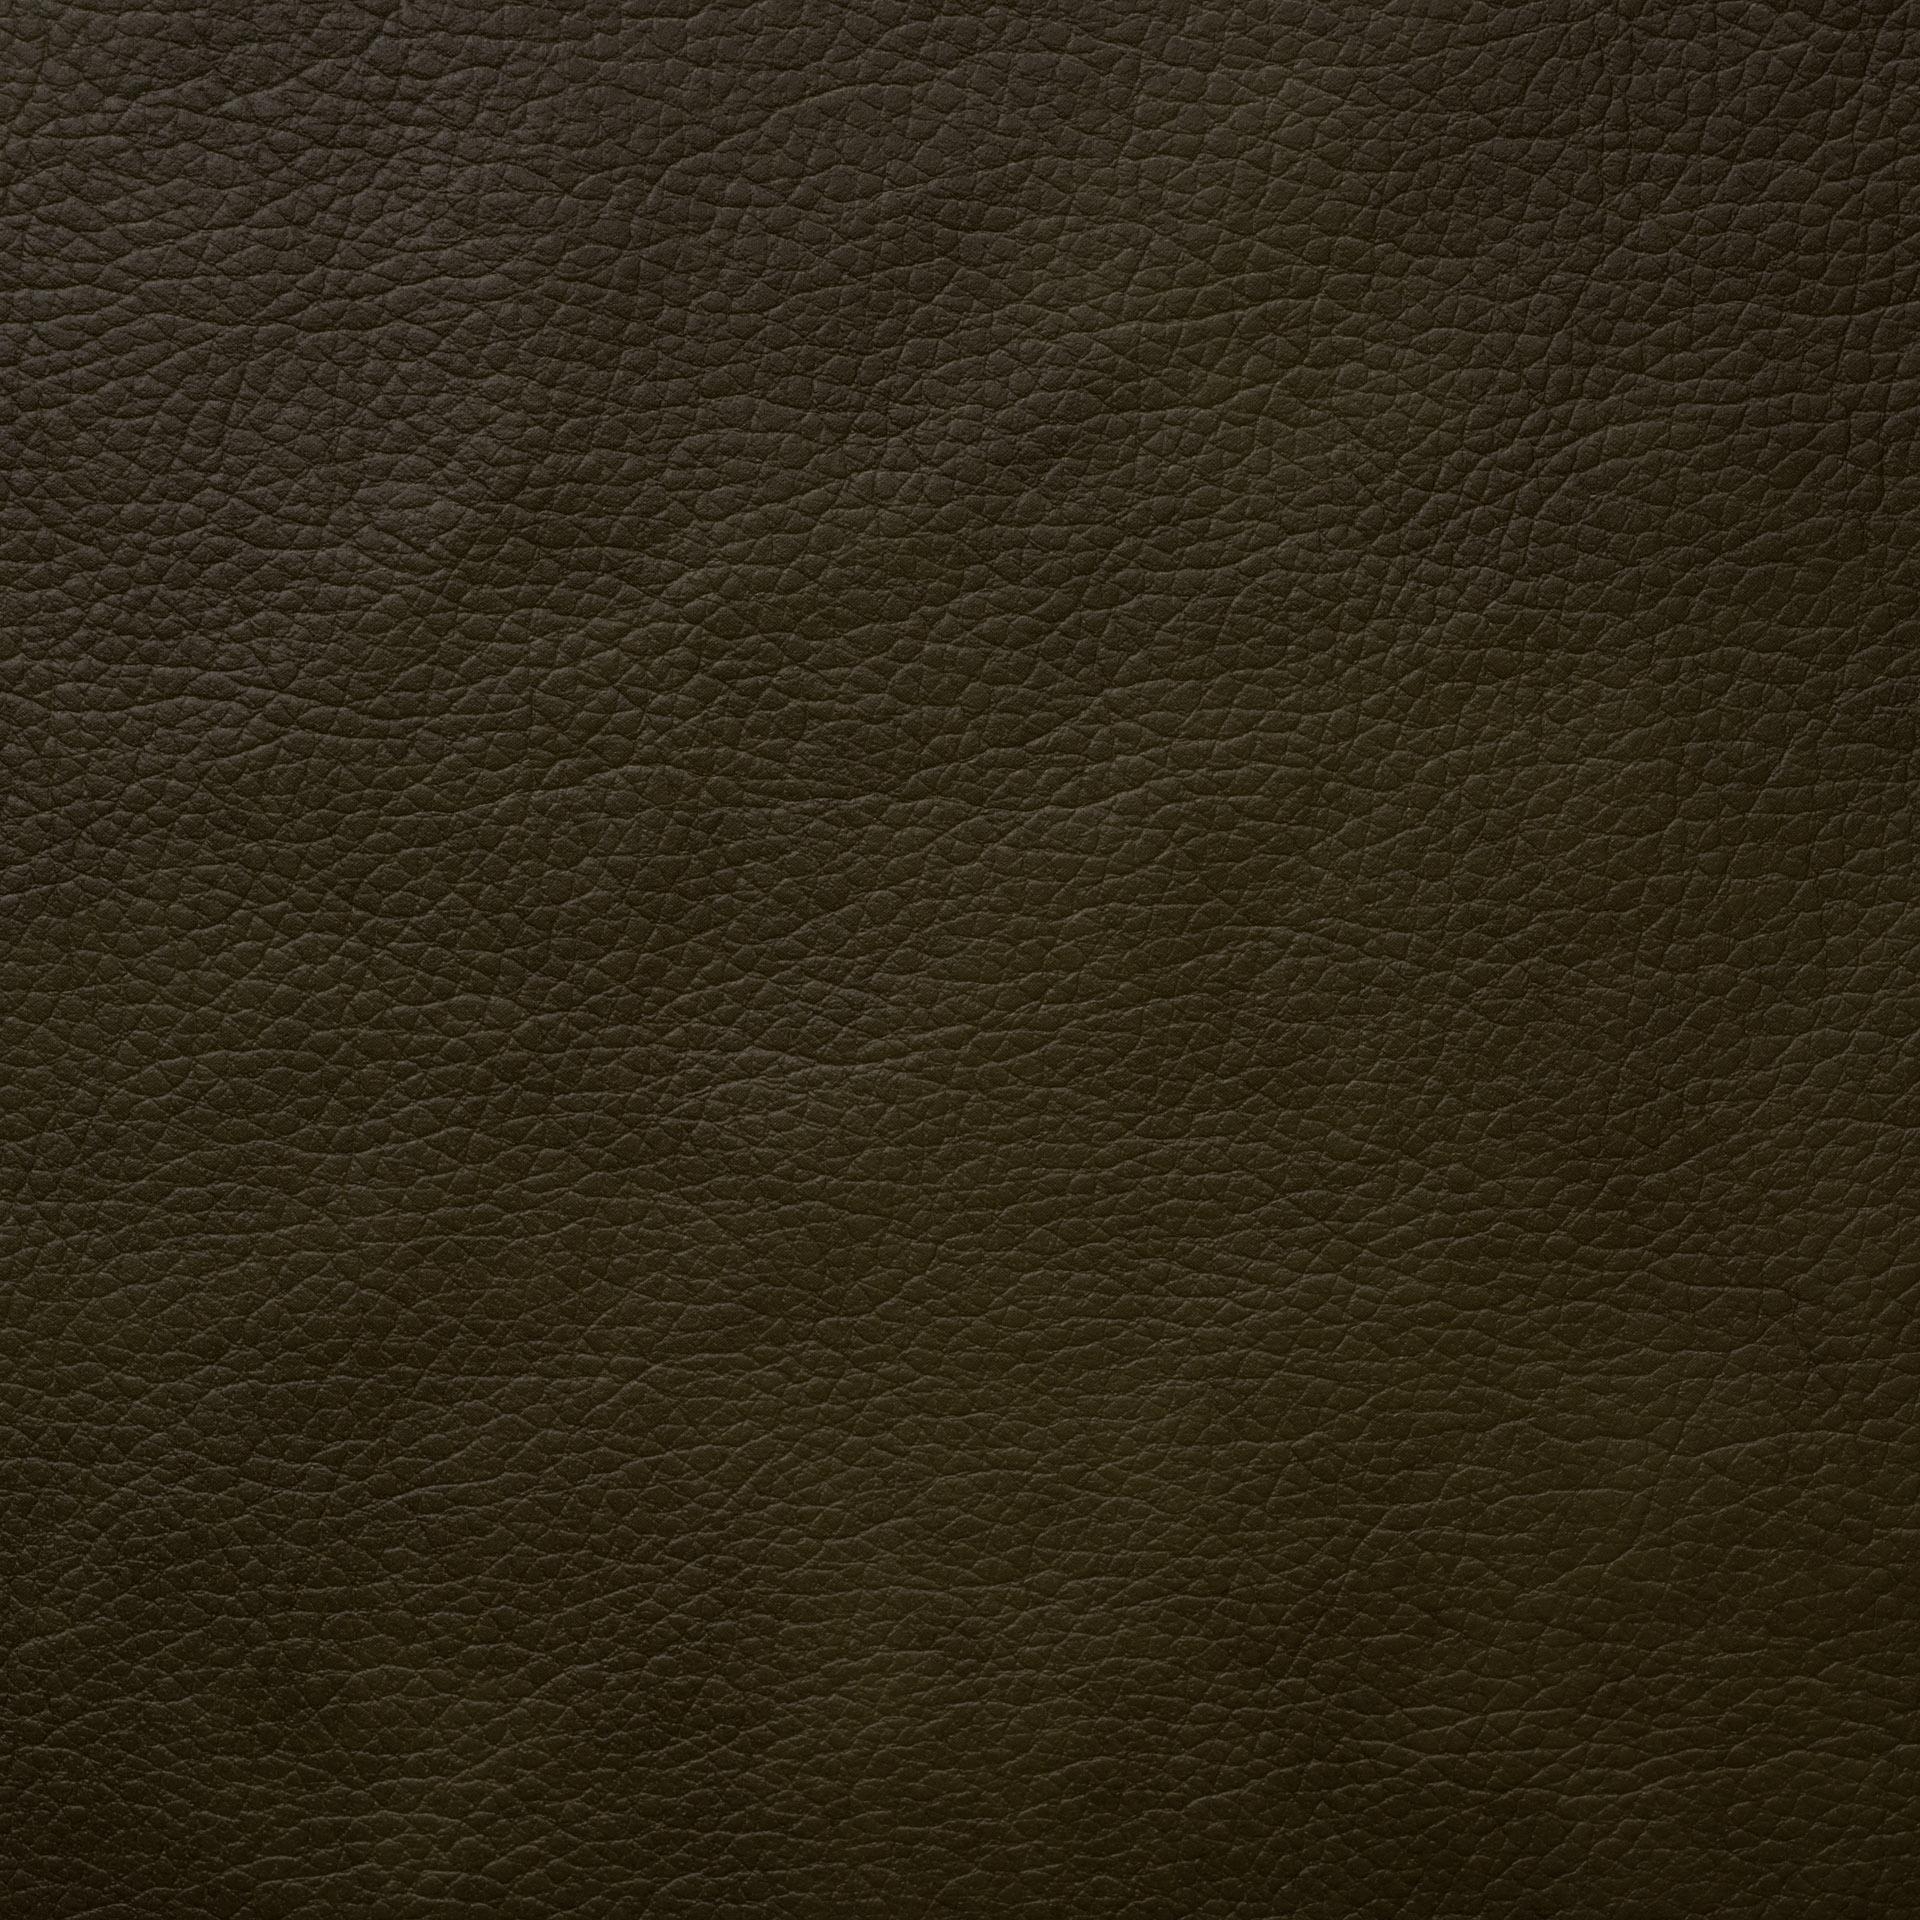 Коллекция ткани Мадрас OLIVE,  купить ткань Кож зам для мебели Украина